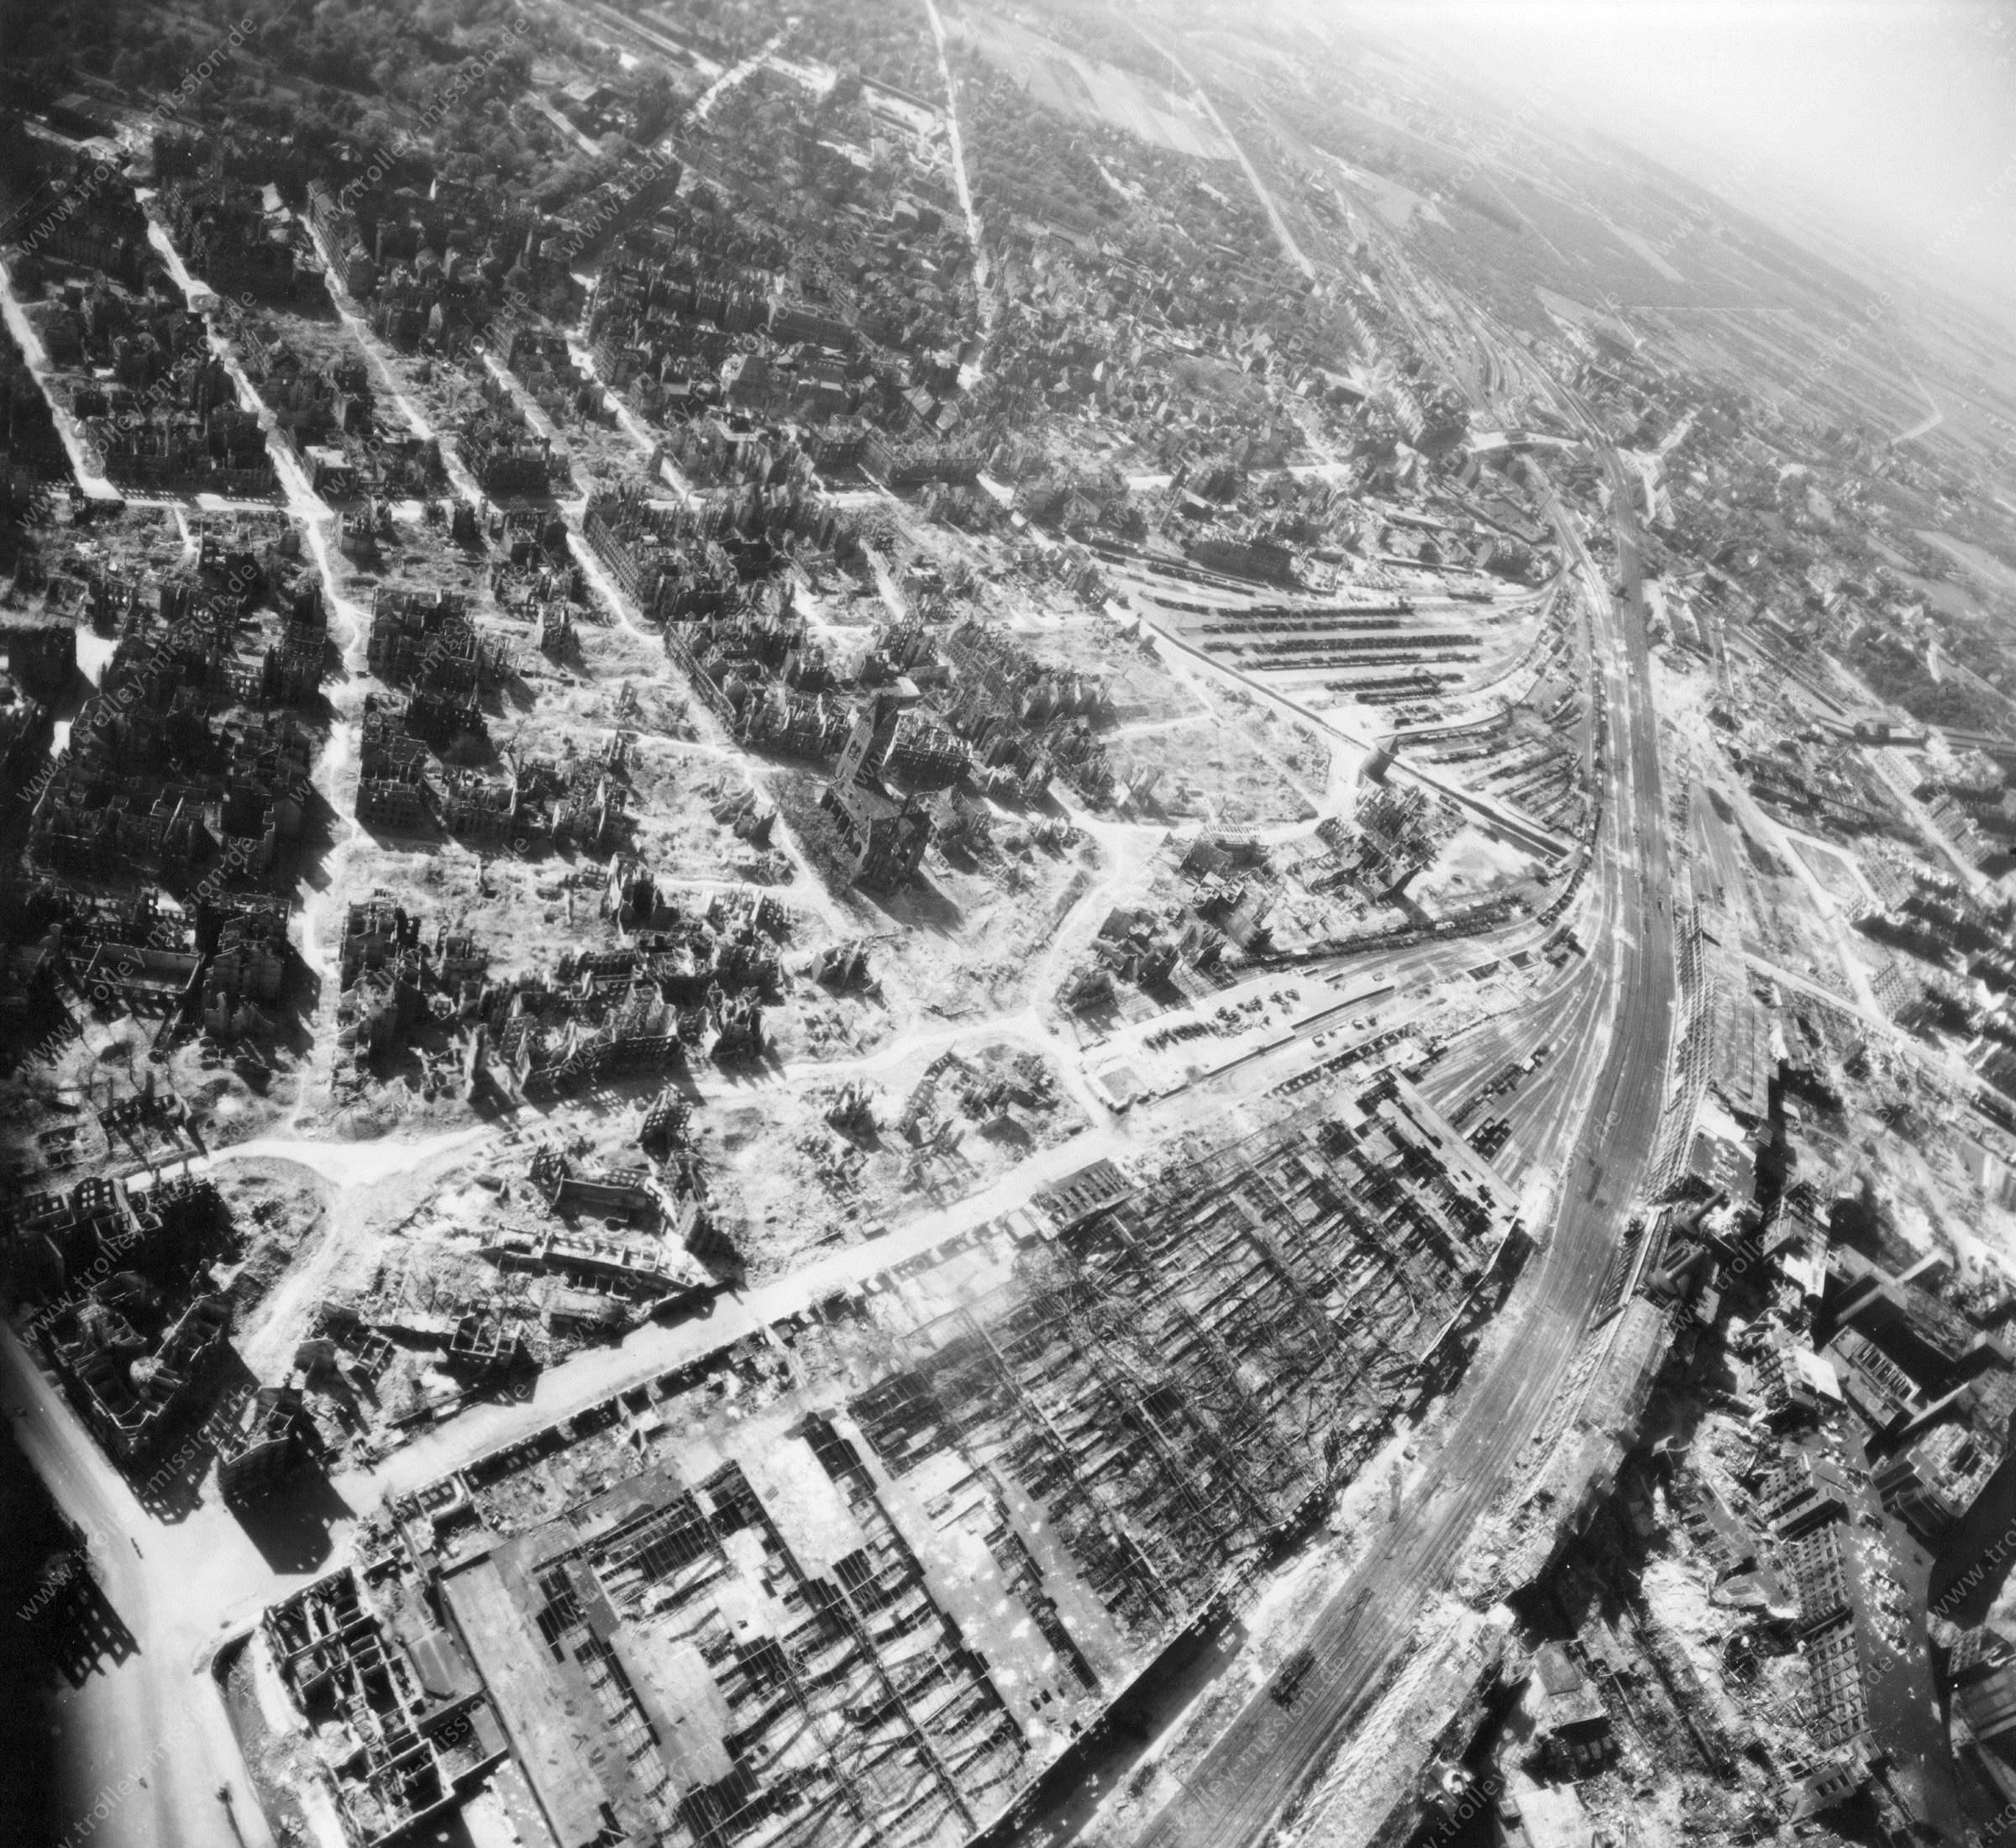 Luftbild von Hannover am 12. Mai 1945 - Luftbildserie 2/3 der US Air Force